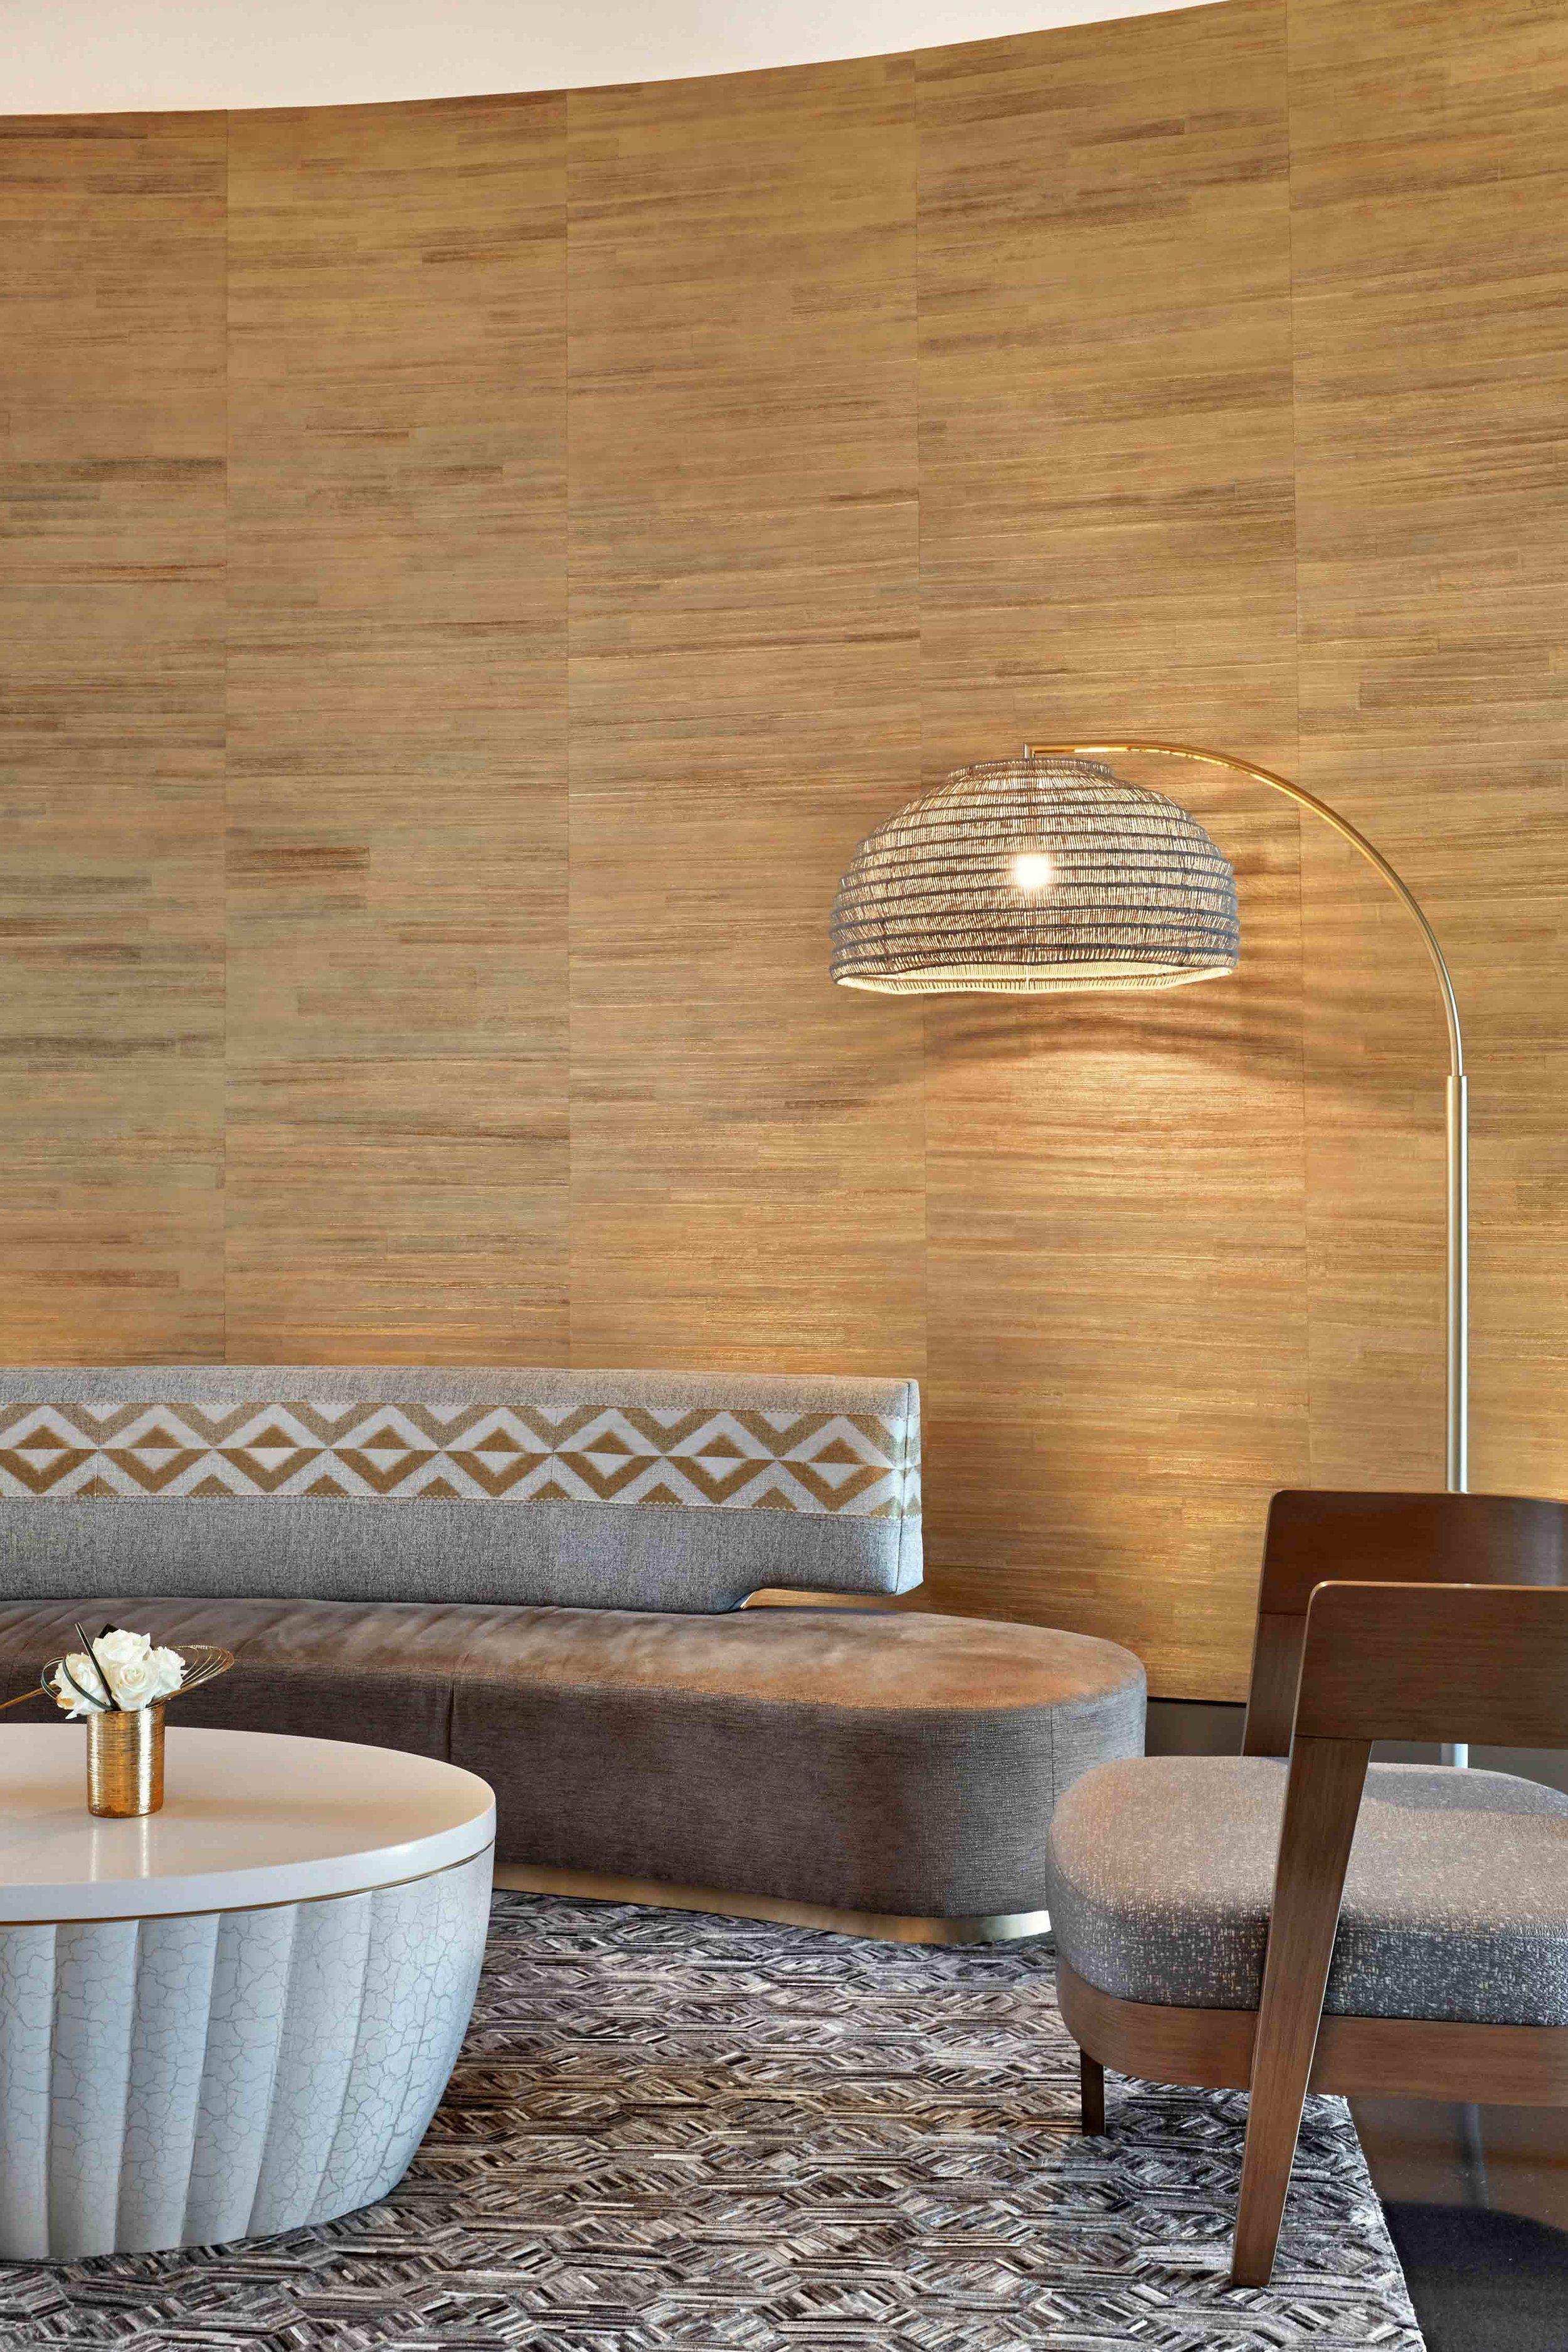 ParkerTorres-Design-Phoenician_08.jpg